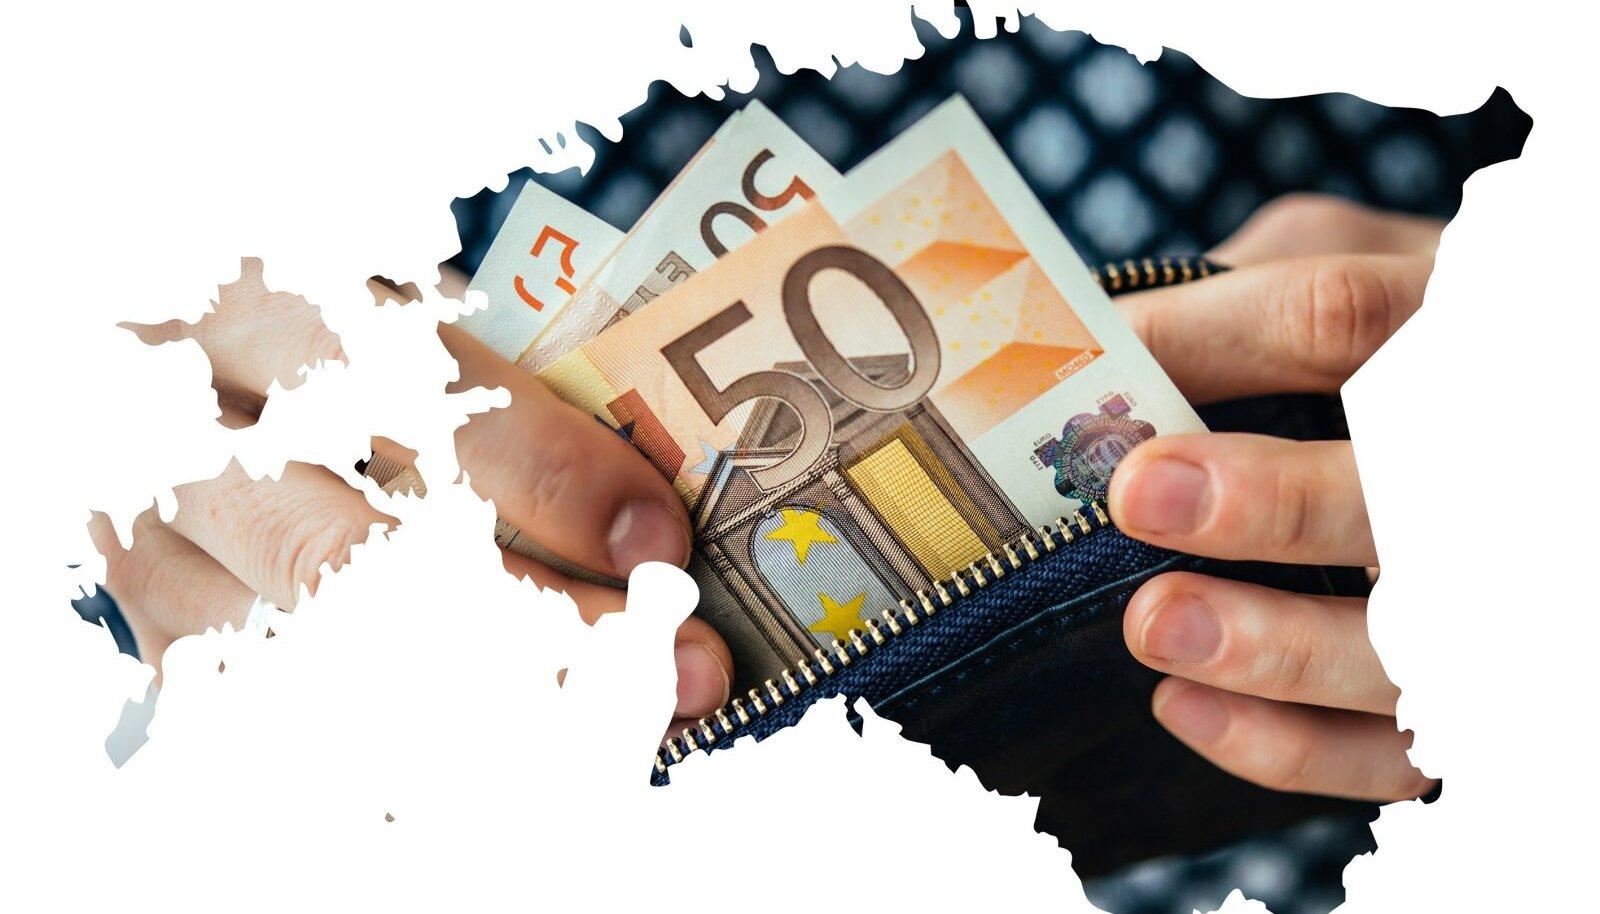 Tõepoolest, paljudel elualadel on 1500eurone brutopalk kättesaamatu. Samas ei saa öelda, et ka kõige väiksemat palka teenivate inimeste elujärg poleks paranenud.